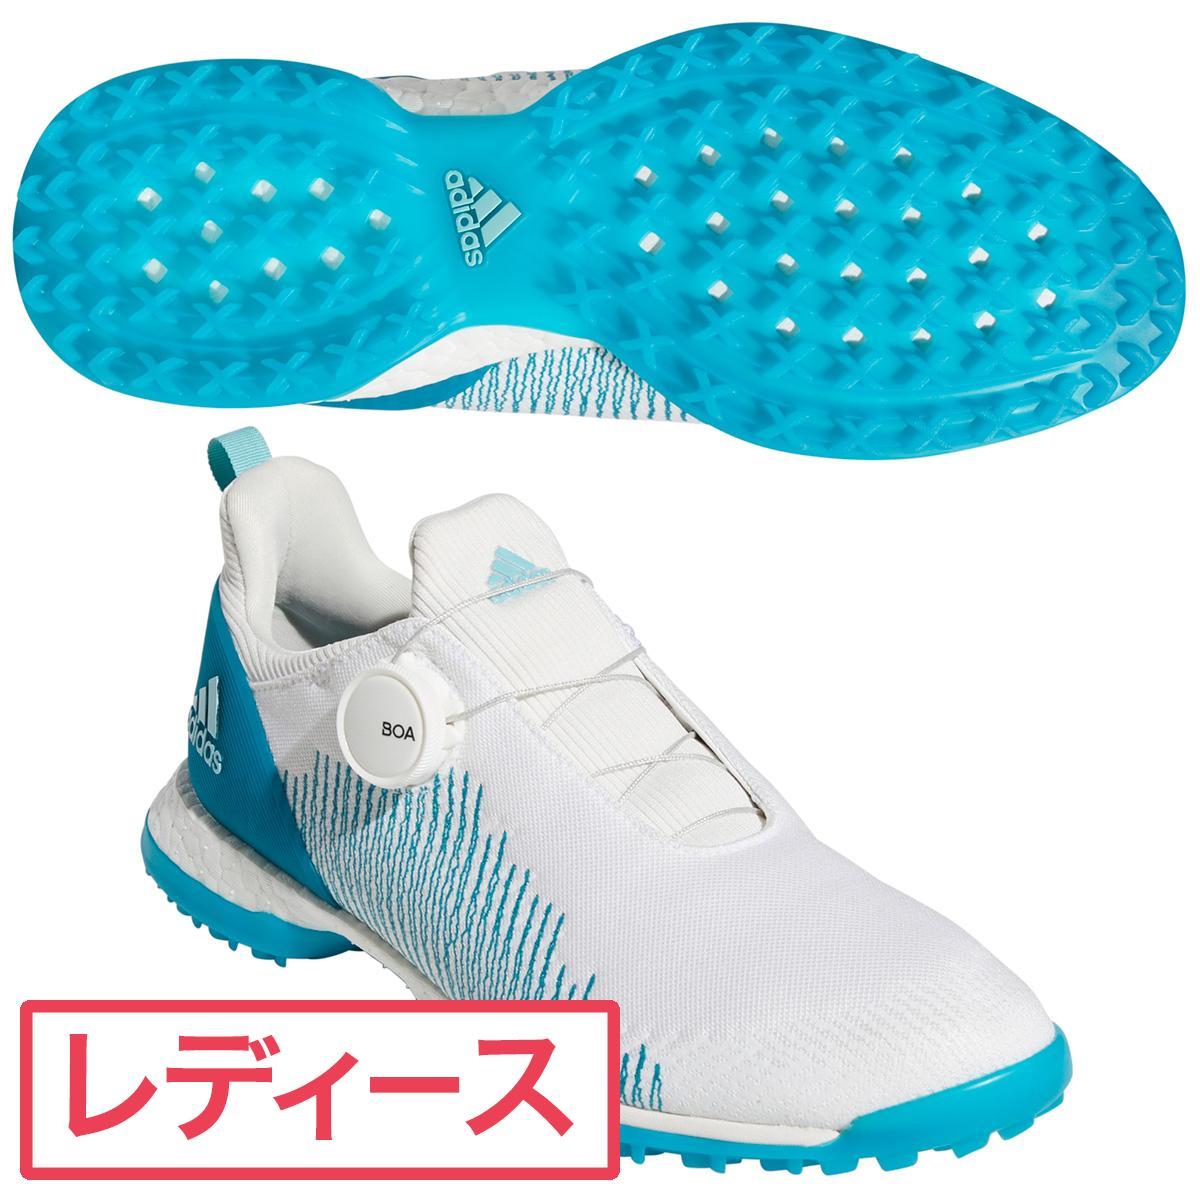 アディダス Adidas フォージファイバー ボア シューズ レディス